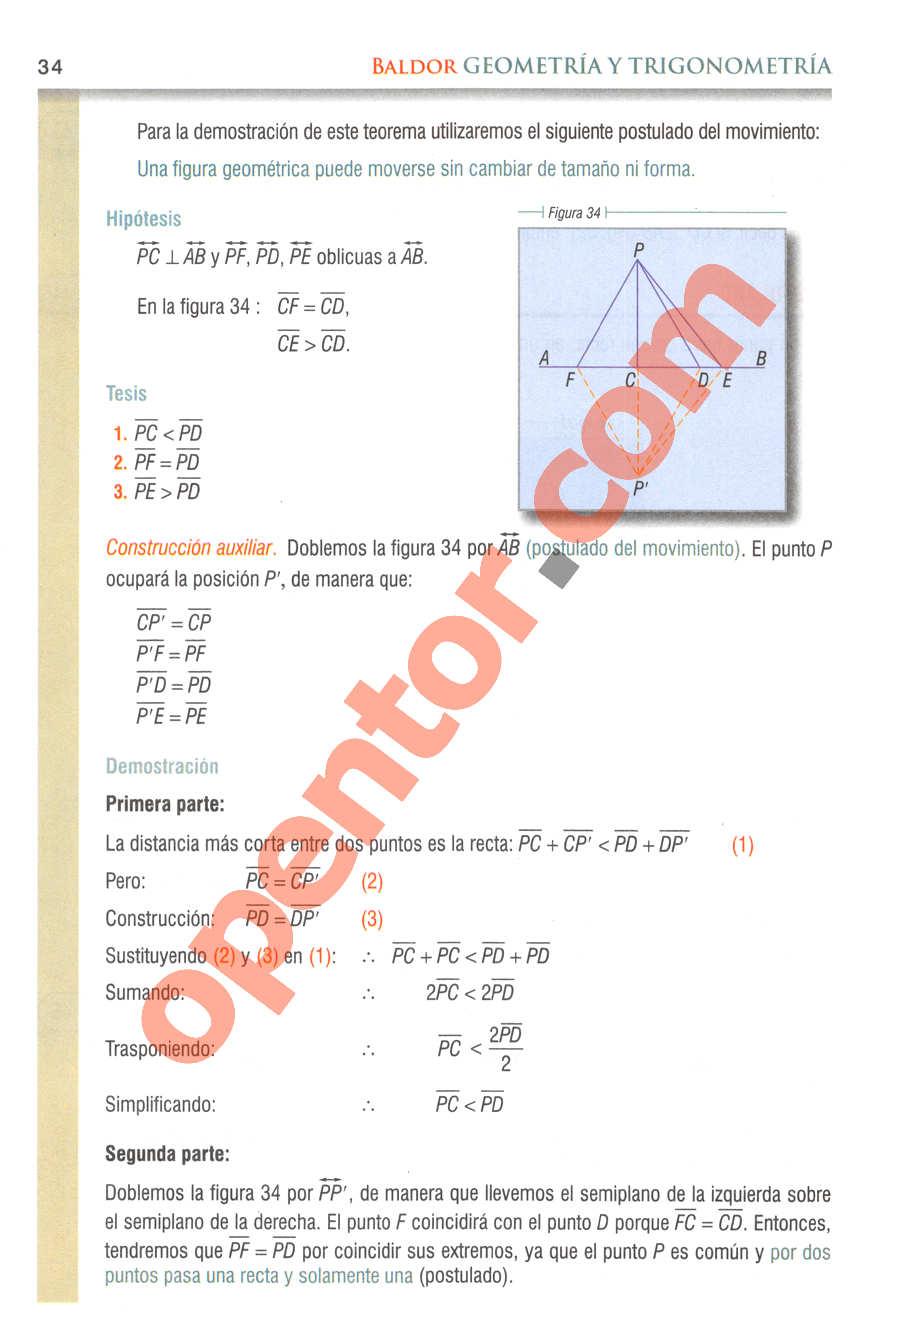 Geometría y Trigonometría de Baldor - Página 34